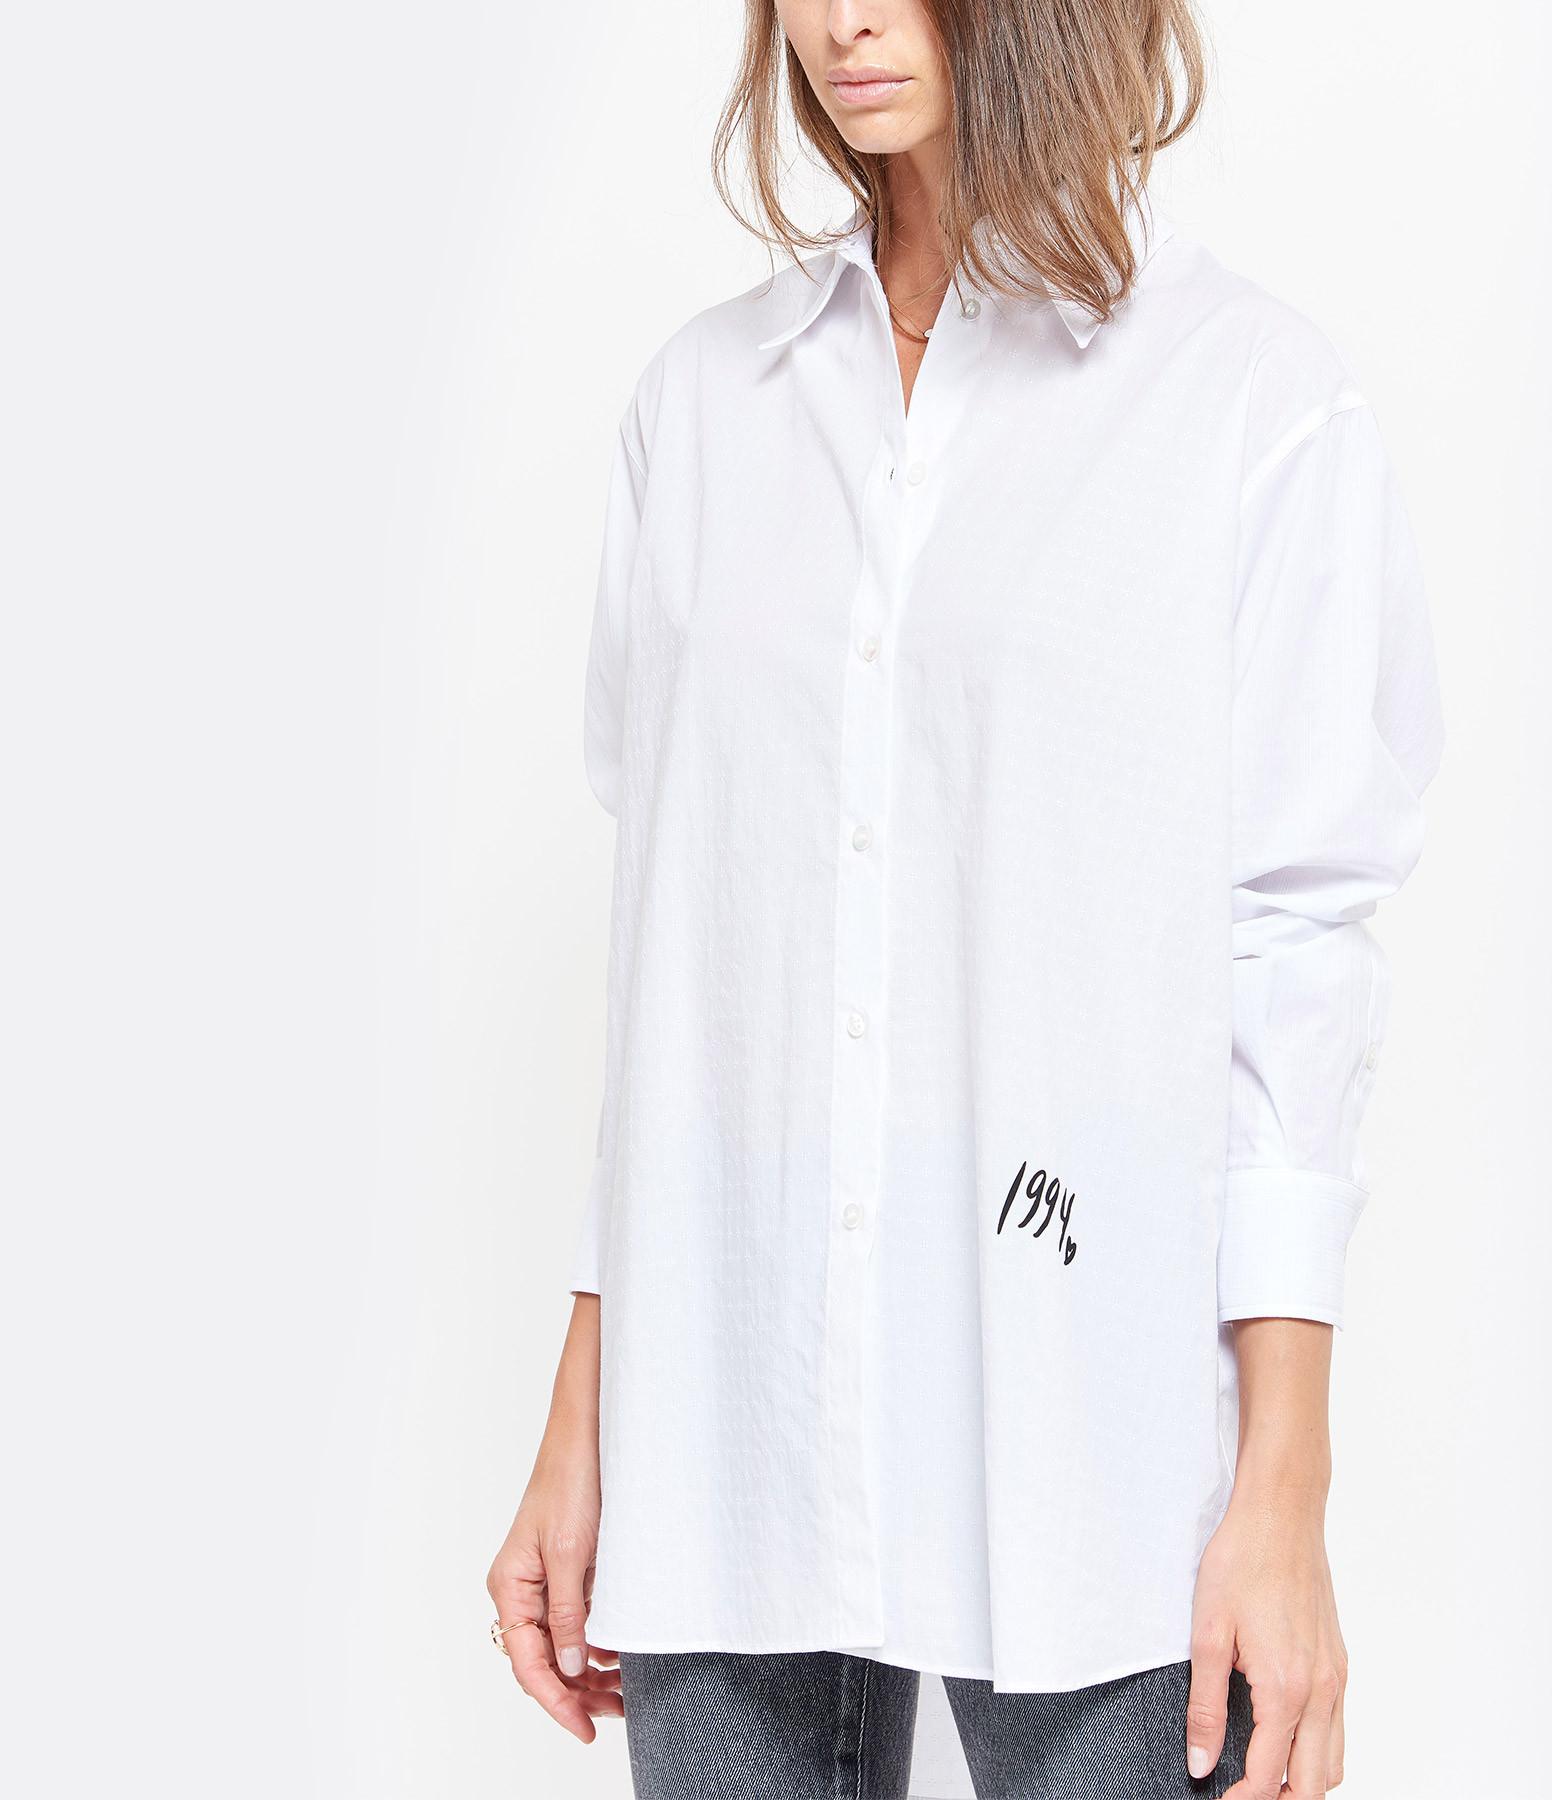 MM6 MAISON MARGIELA - Chemise Jacquard Blanc